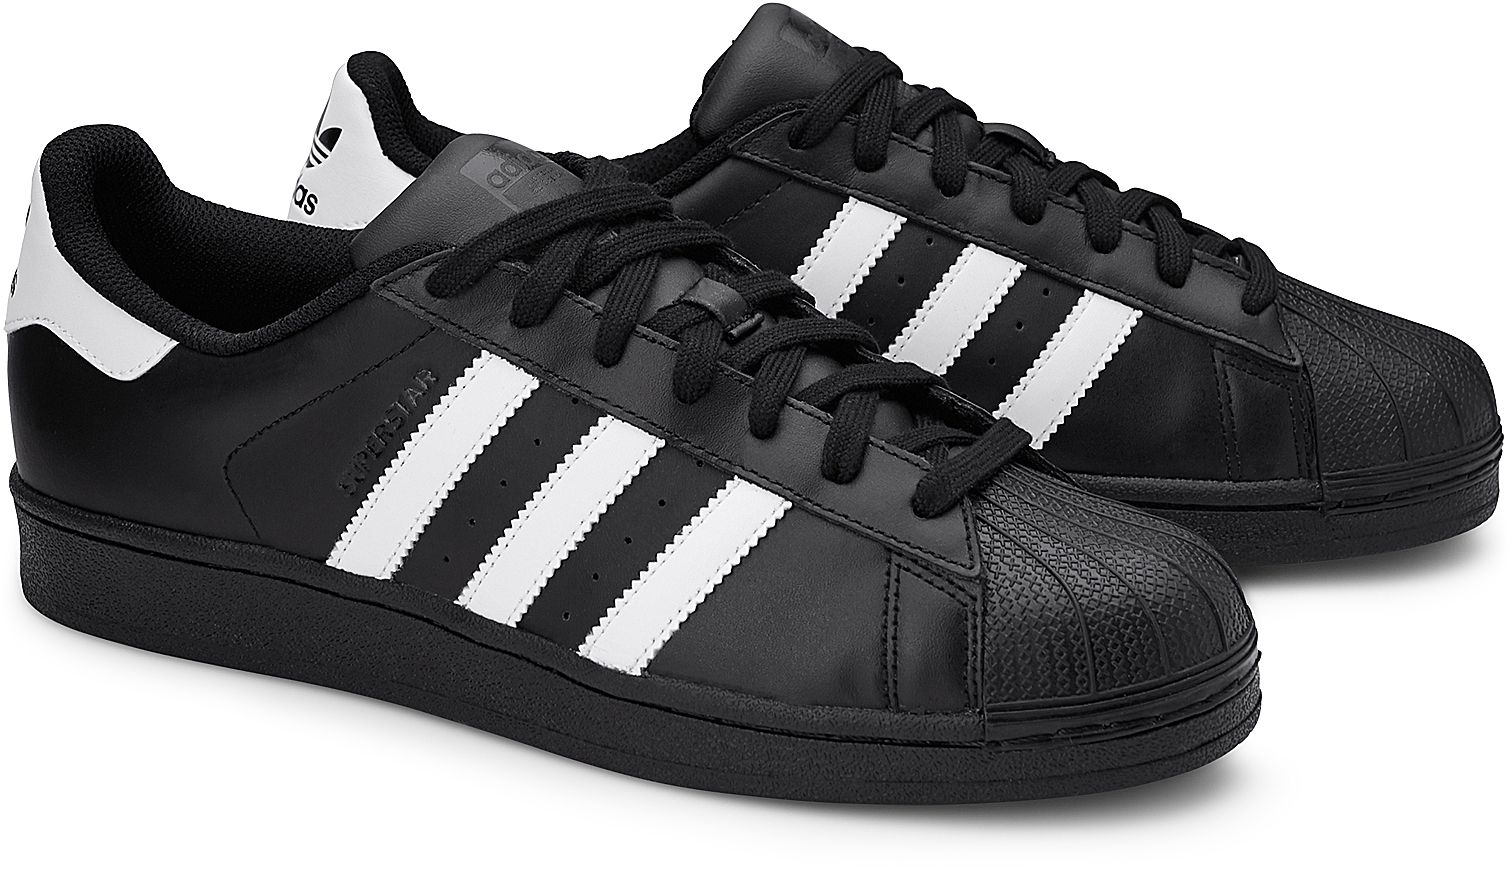 adidas superstar schwarz größe 43